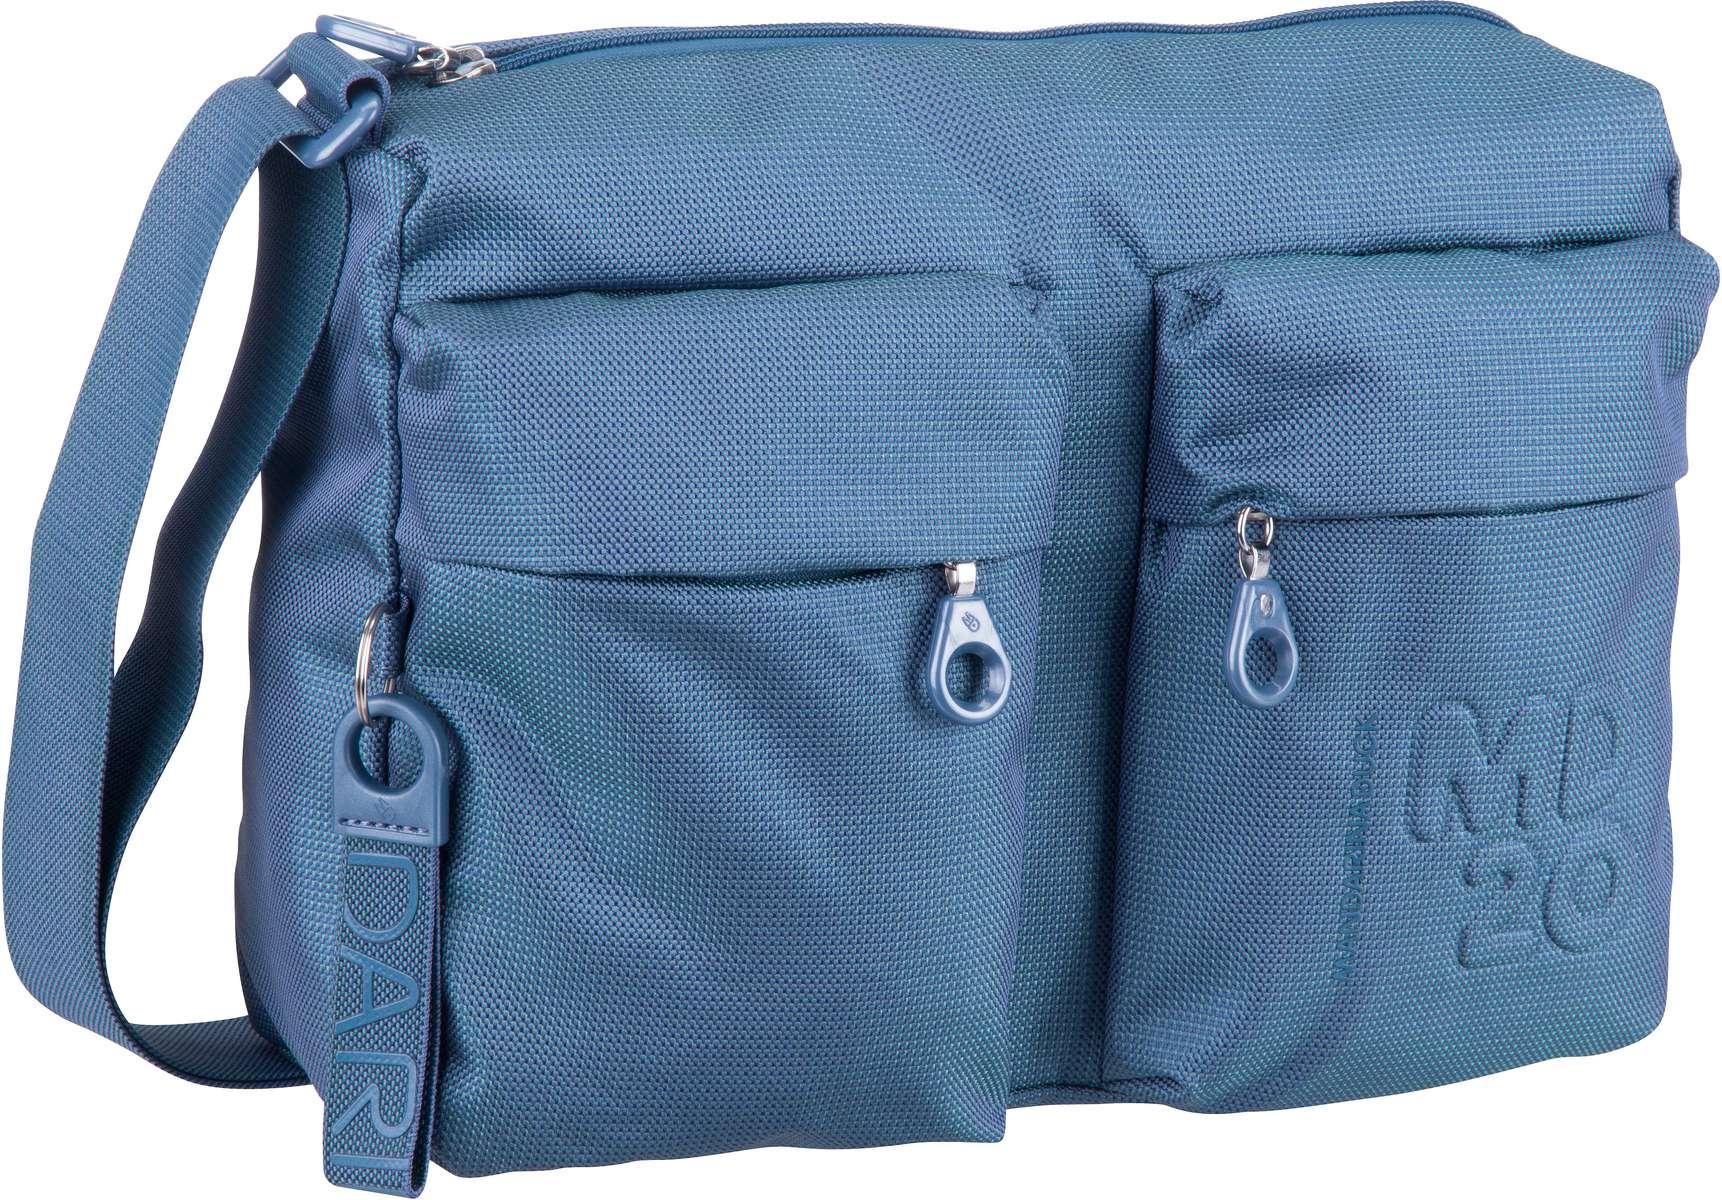 Umhängetasche MD20 Crossover Bag QMTT5 Moonlight Blue